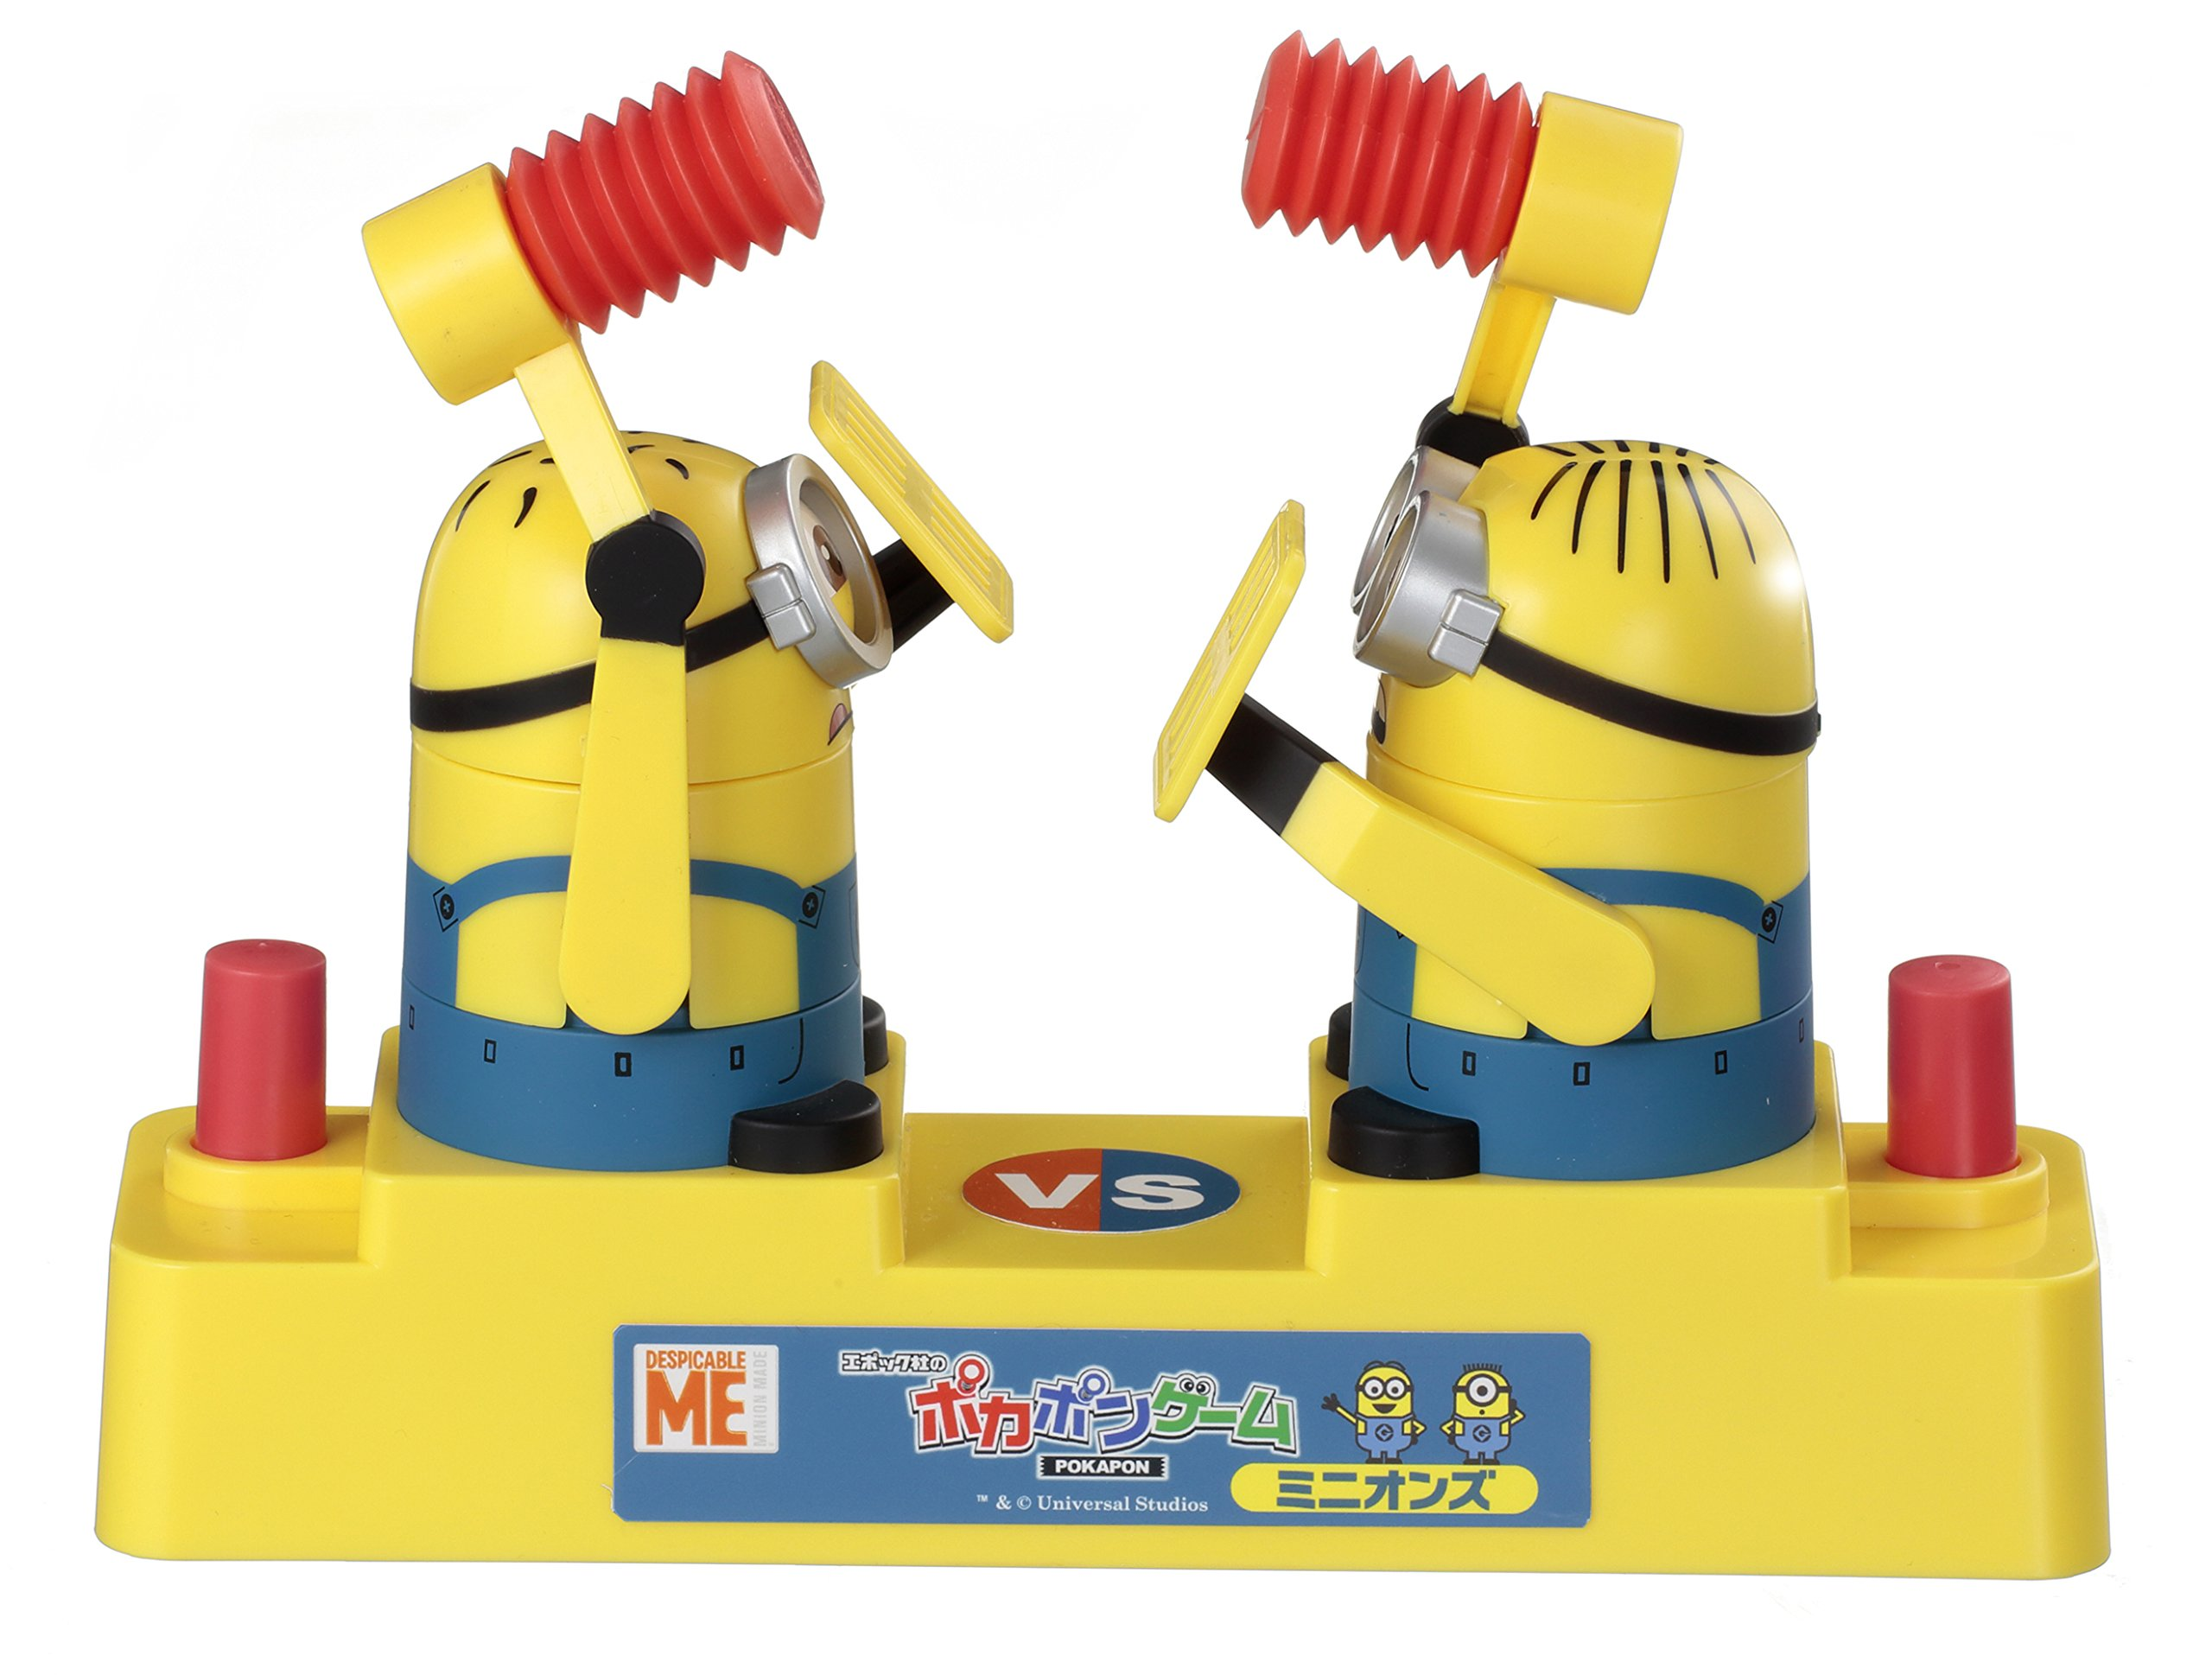 エポック社のポカポンゲーム ミニオンズ